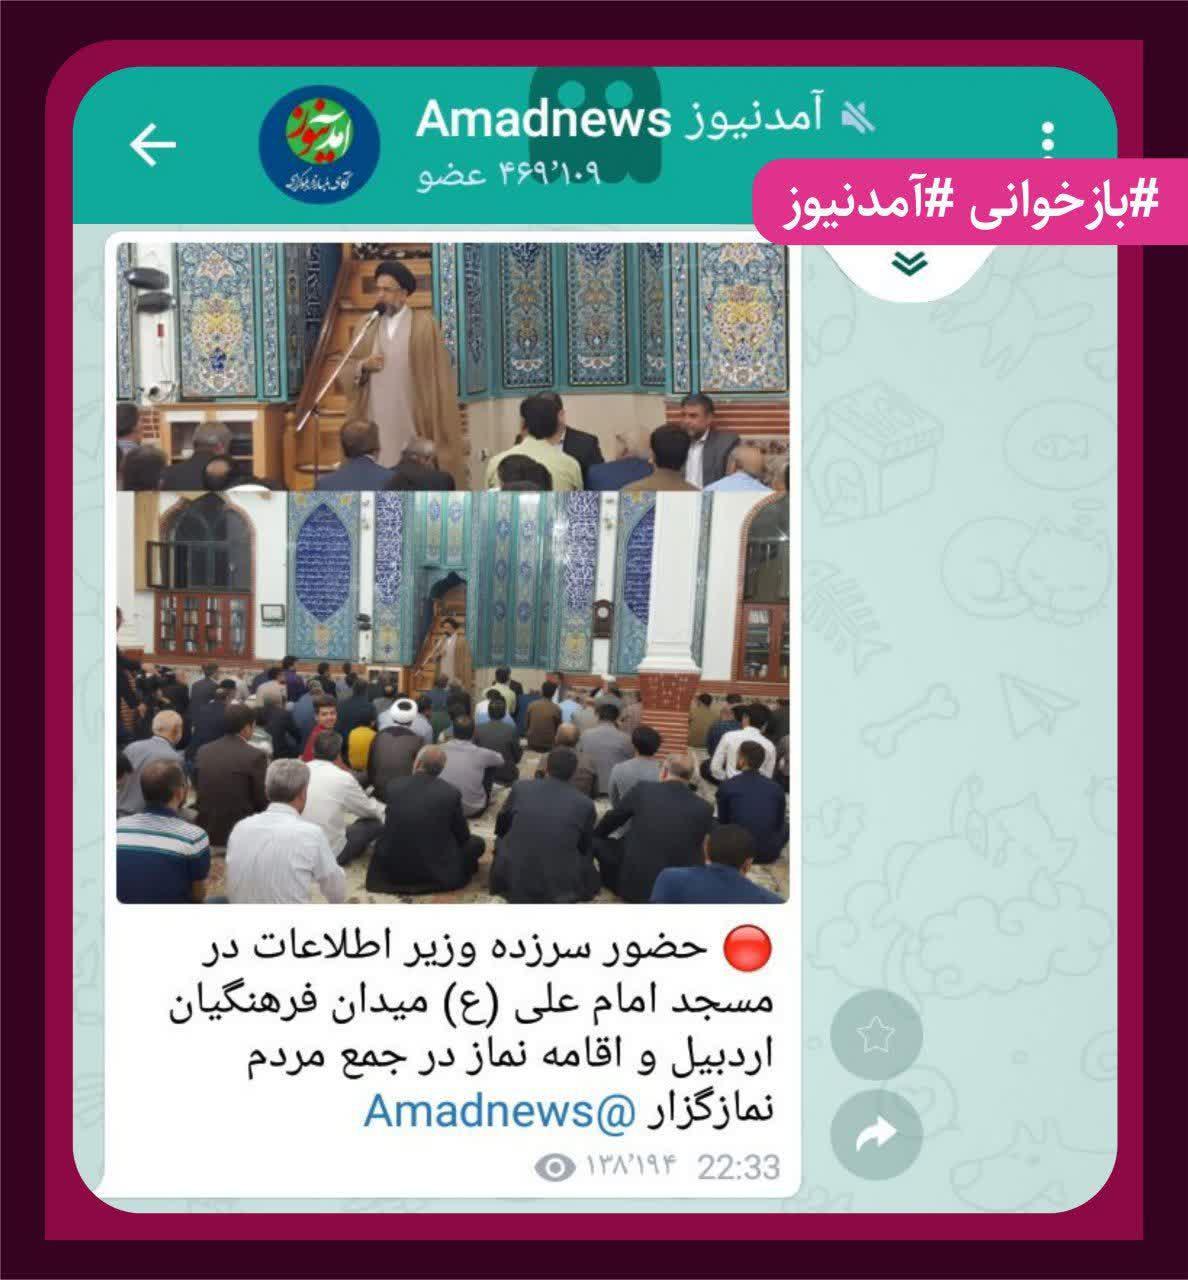 amadnews%20%2818%29 شکایت وزیر اطلاعات از حسن عباسی به بهانه بیان ارتباط و رابطه آمدنیوز و همچنين وزیر اطلاعات + اسناد